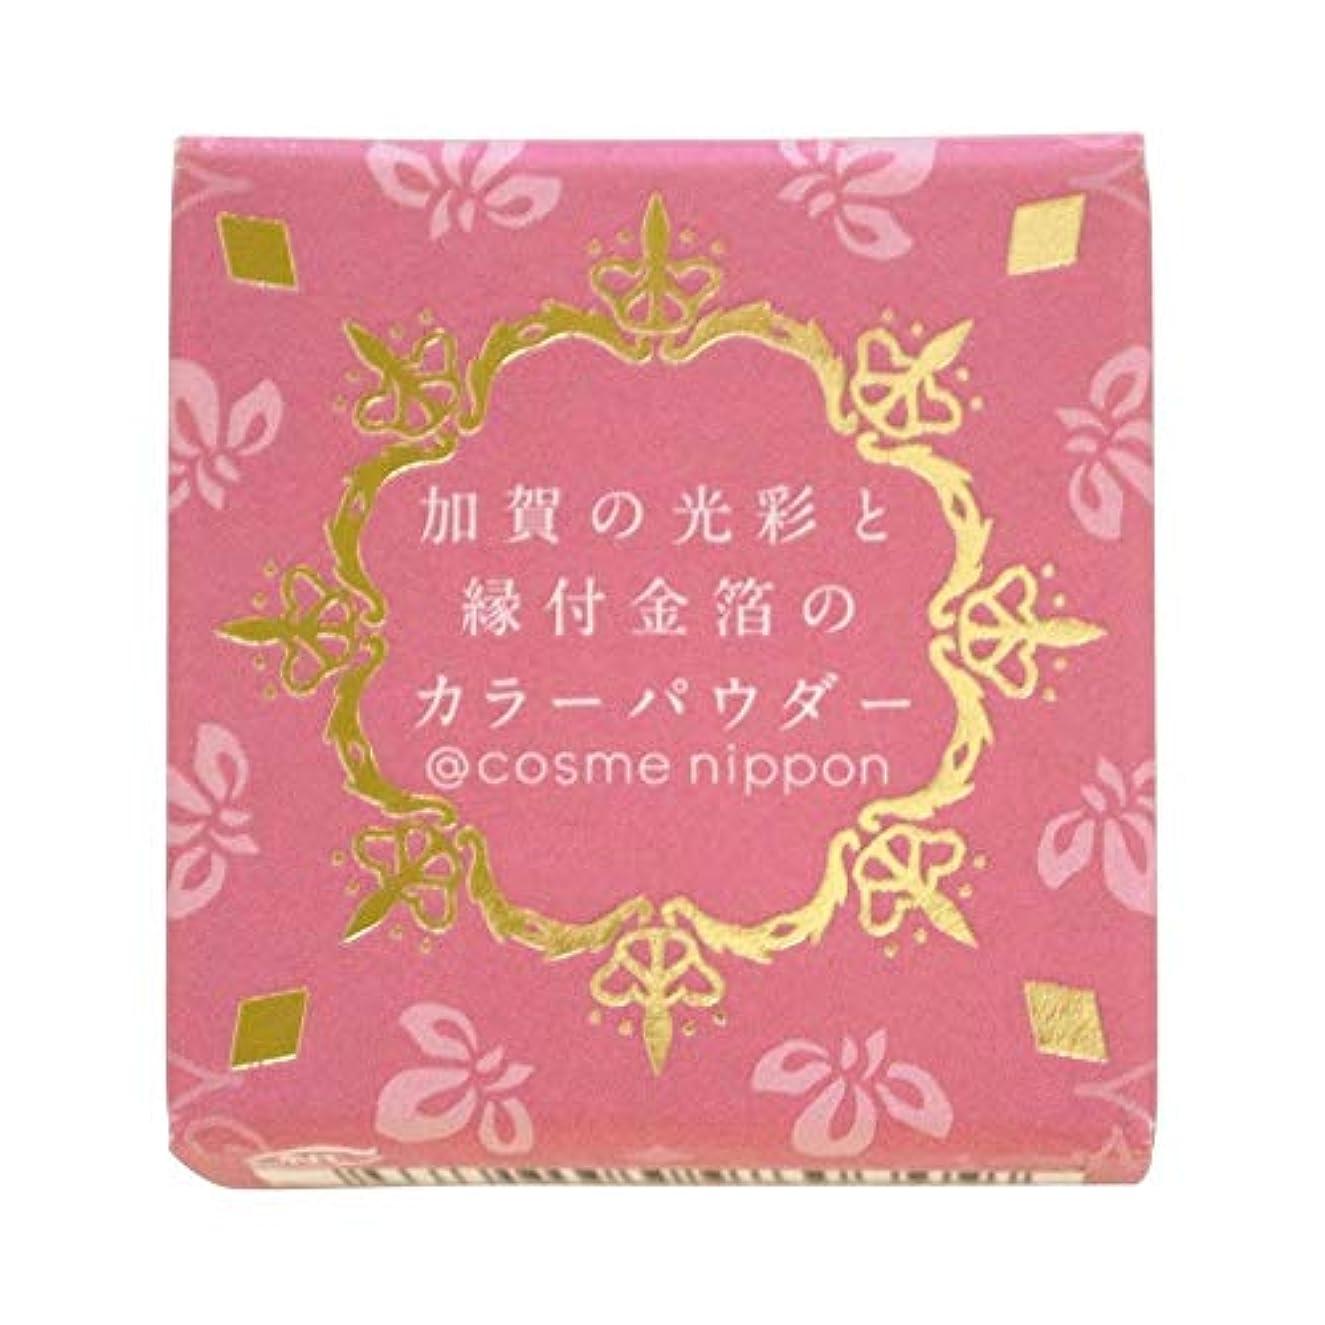 オレンジ早く認知友禅工芸 すずらん加賀の光彩と縁付け金箔のカラーパウダー06古代紫こだいむらさき